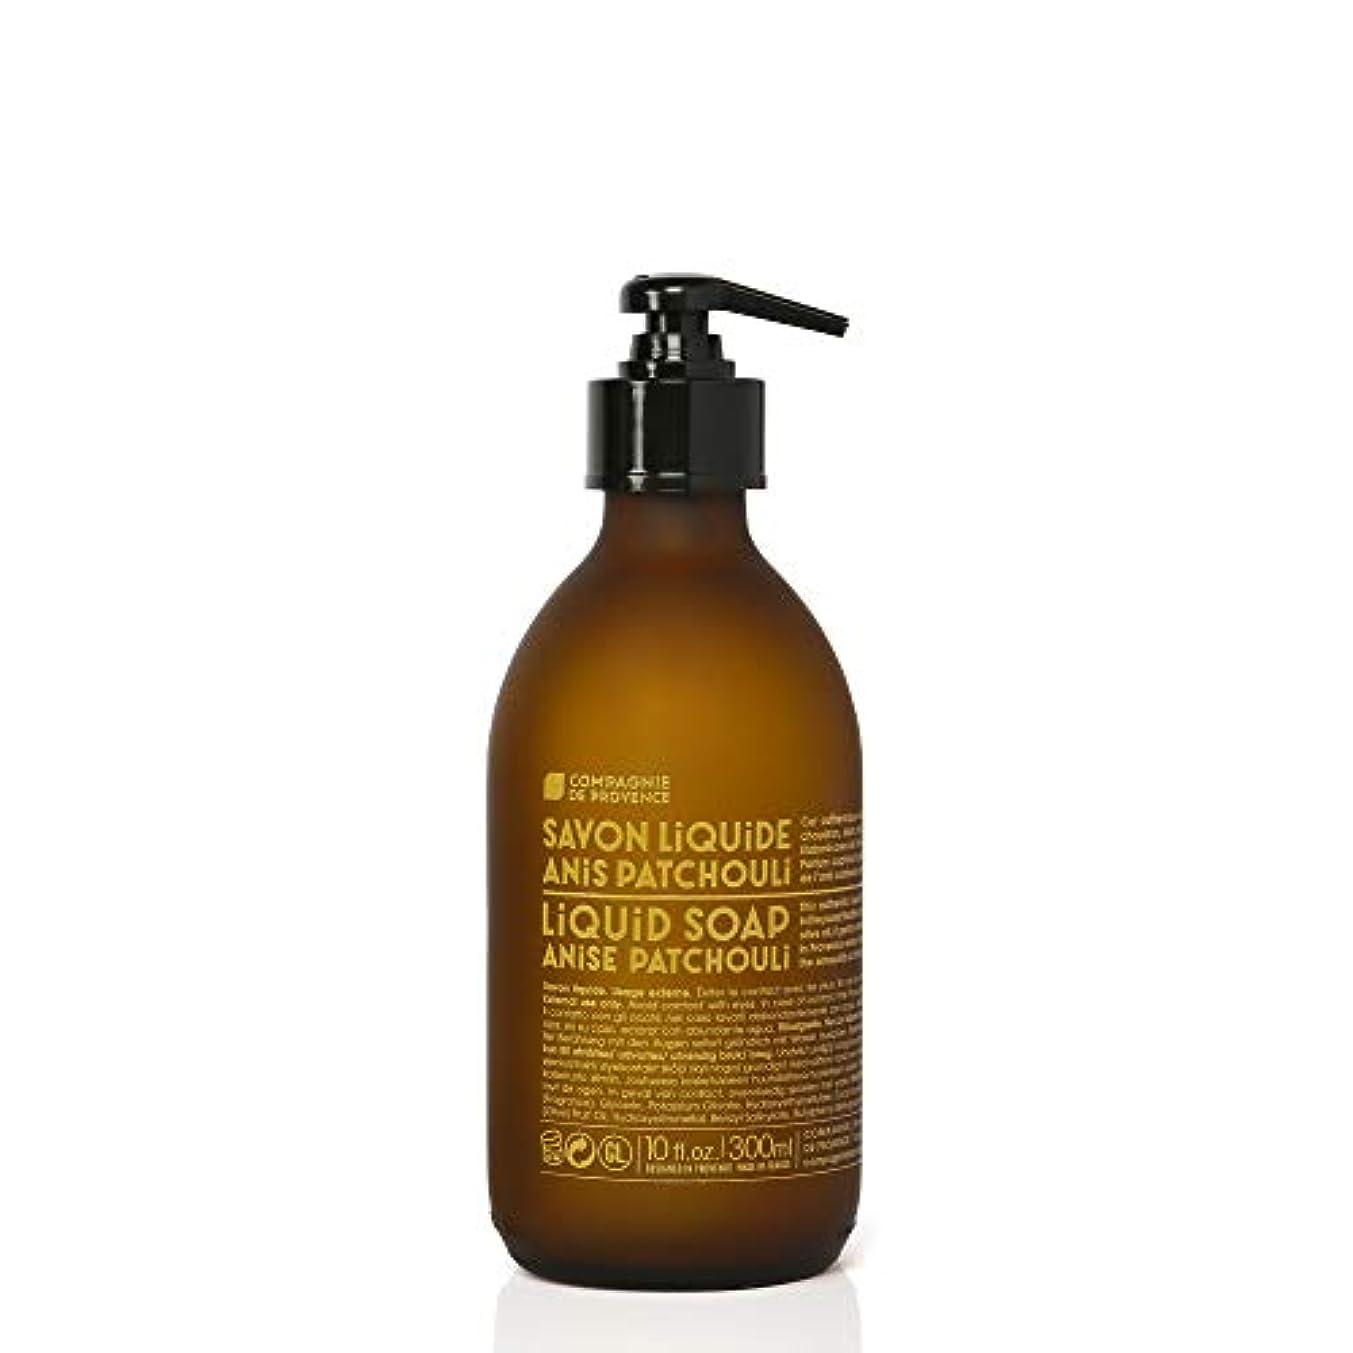 中和発生Compagnie de ProvenceマルセイユLiquid Soap Made in France 16.9 FL OZガラスボトル